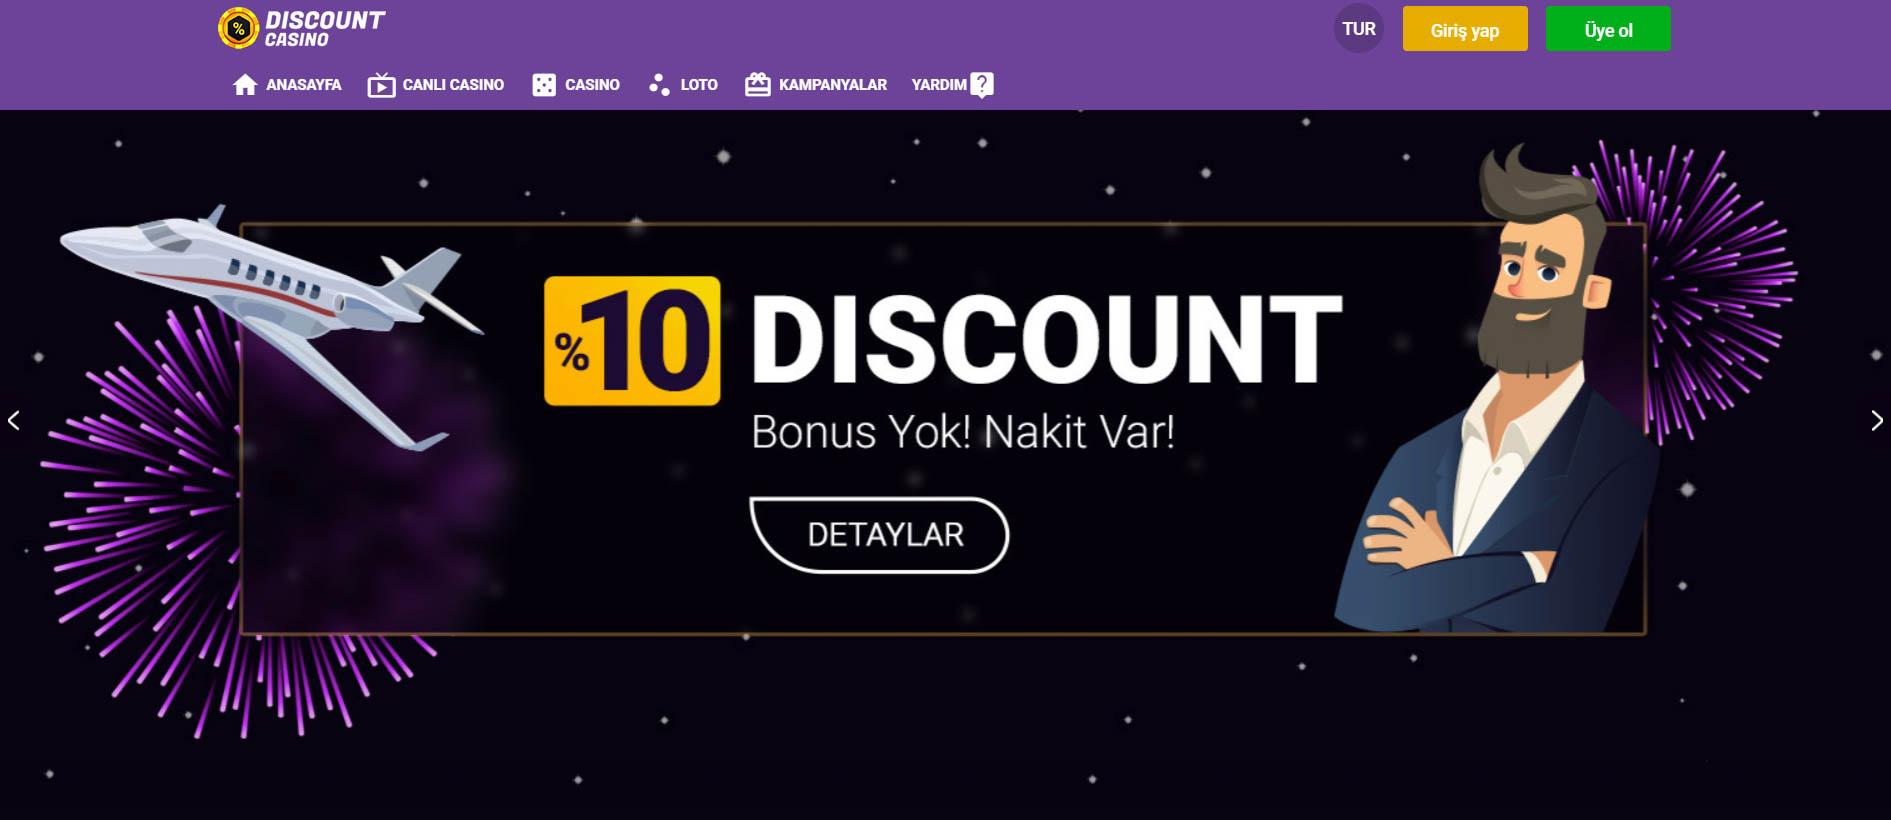 Discount Casino Ayrıntılı İnceleme